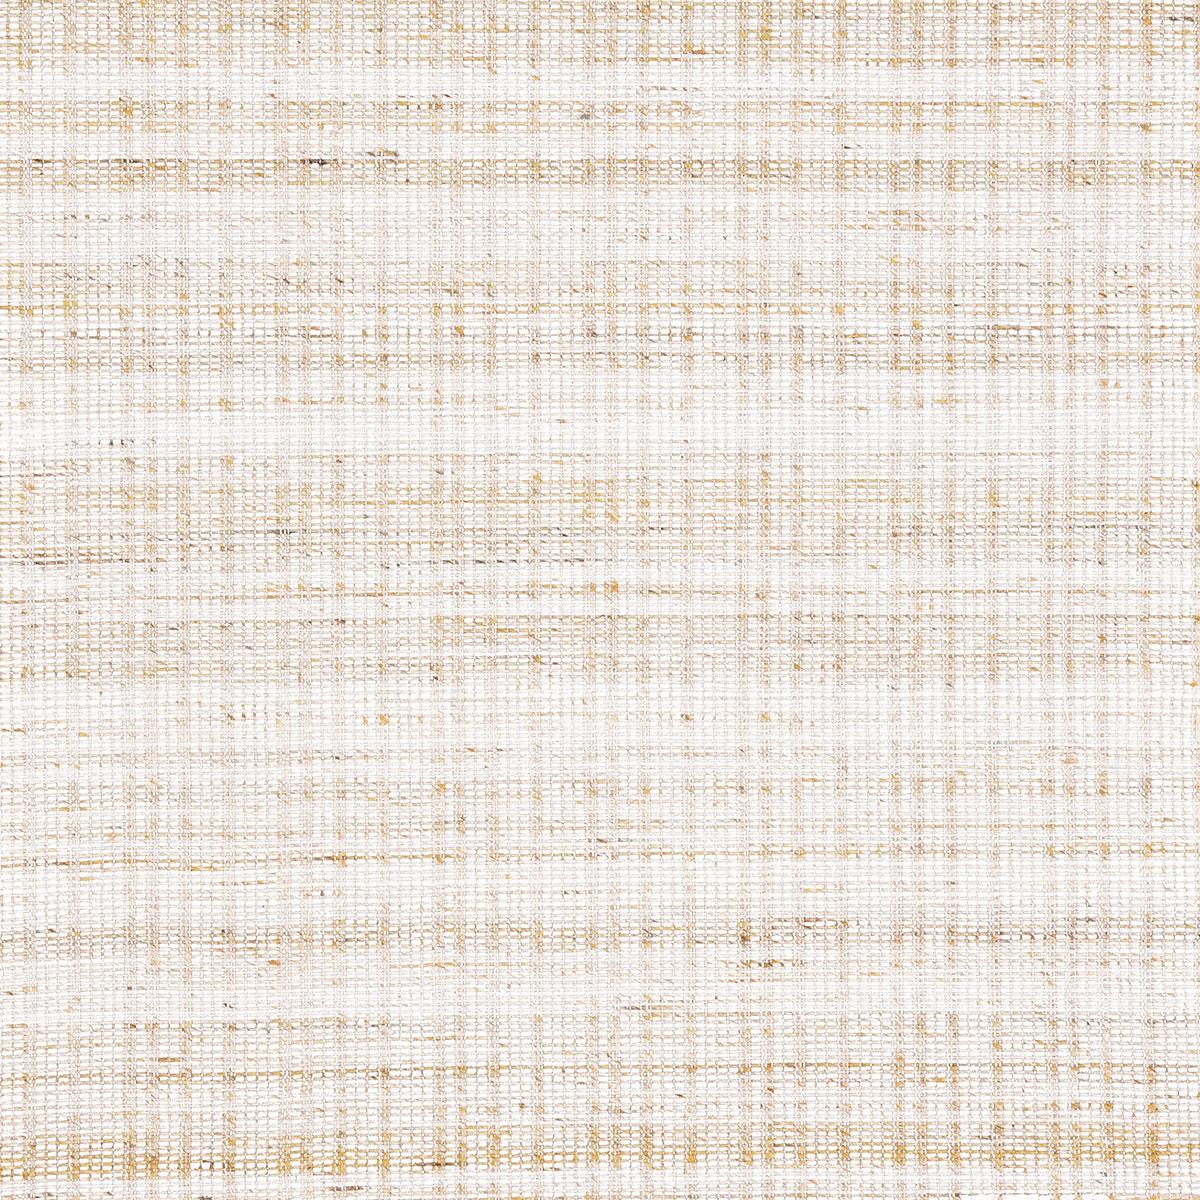 viktor_wool-polyester_broadloom_patterson-flynn-martin_pfm